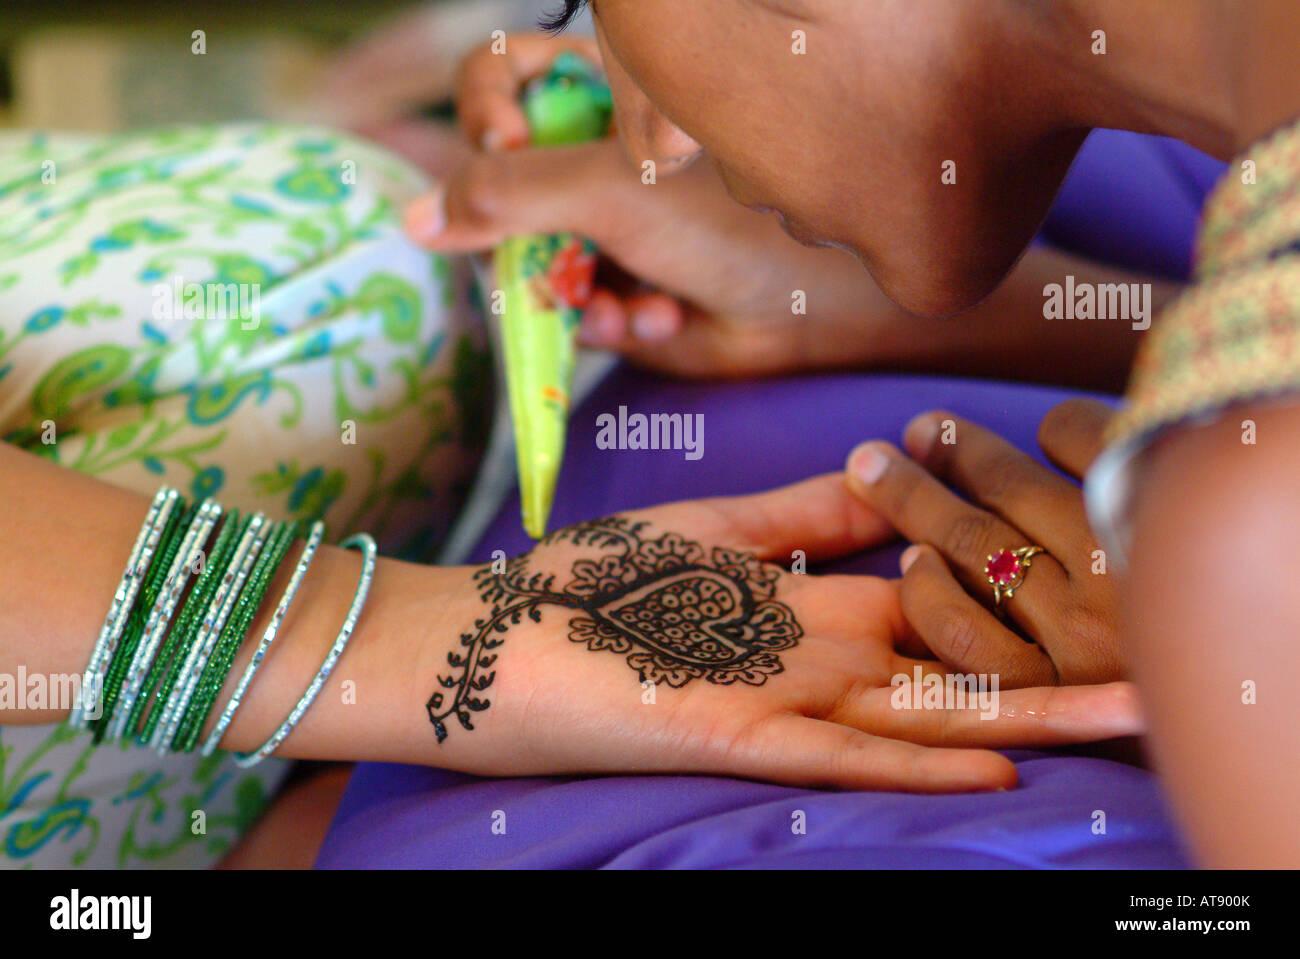 La mujer que recibe un diseño de henna mendhi en el interior de la palma de su mano en preparación para su ceremonia de boda hindi Foto de stock